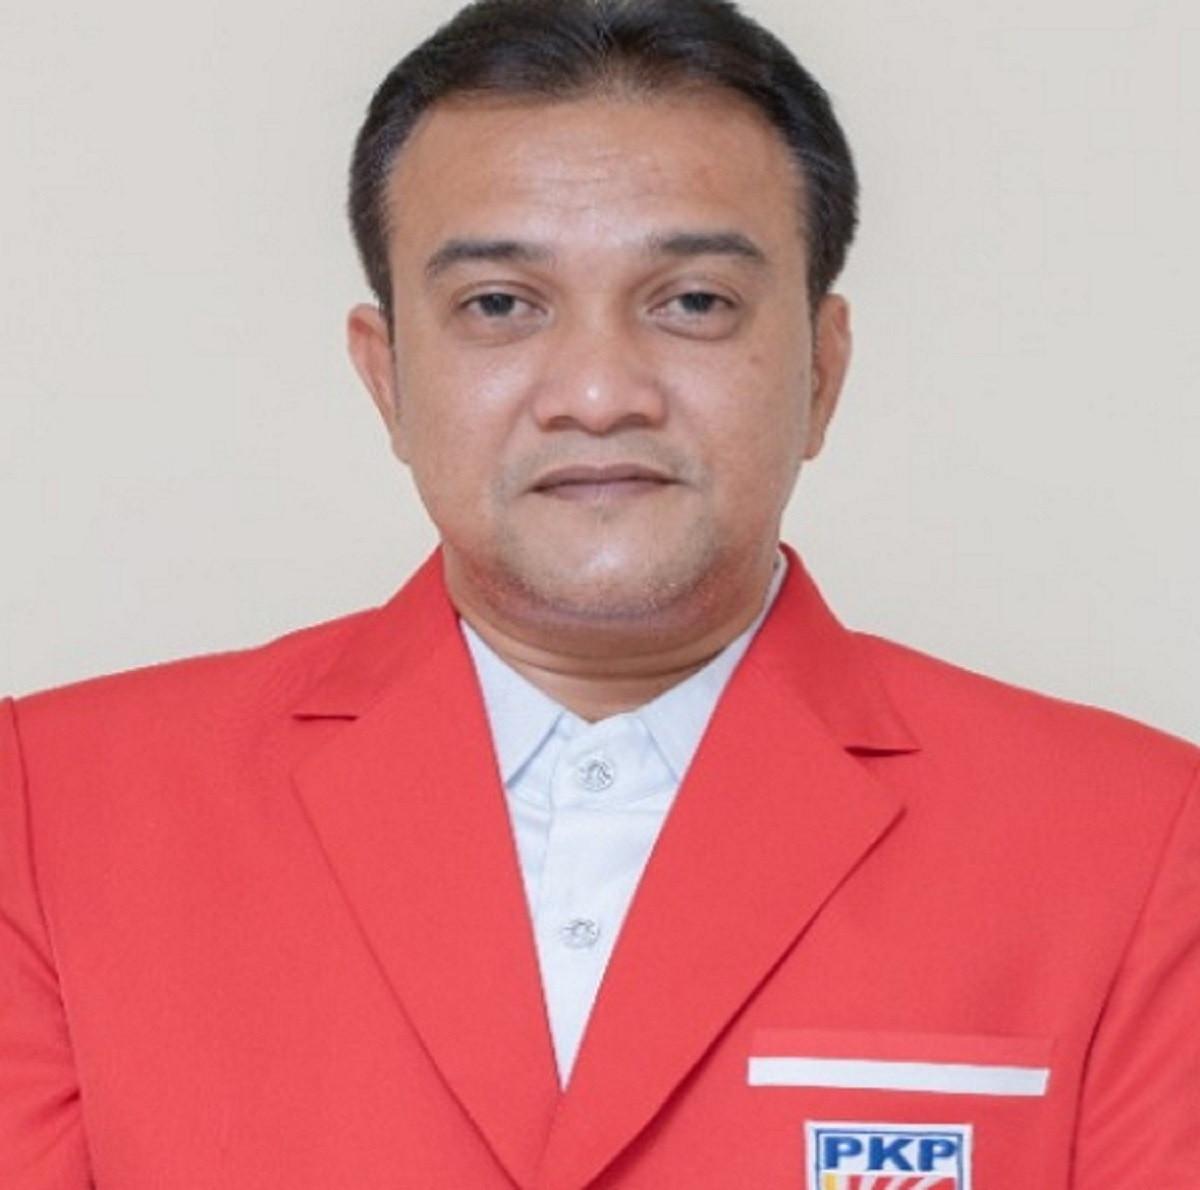 Presiden dan PKP Sependapat tentang 2 Hal, Segera Panggil Mendagri